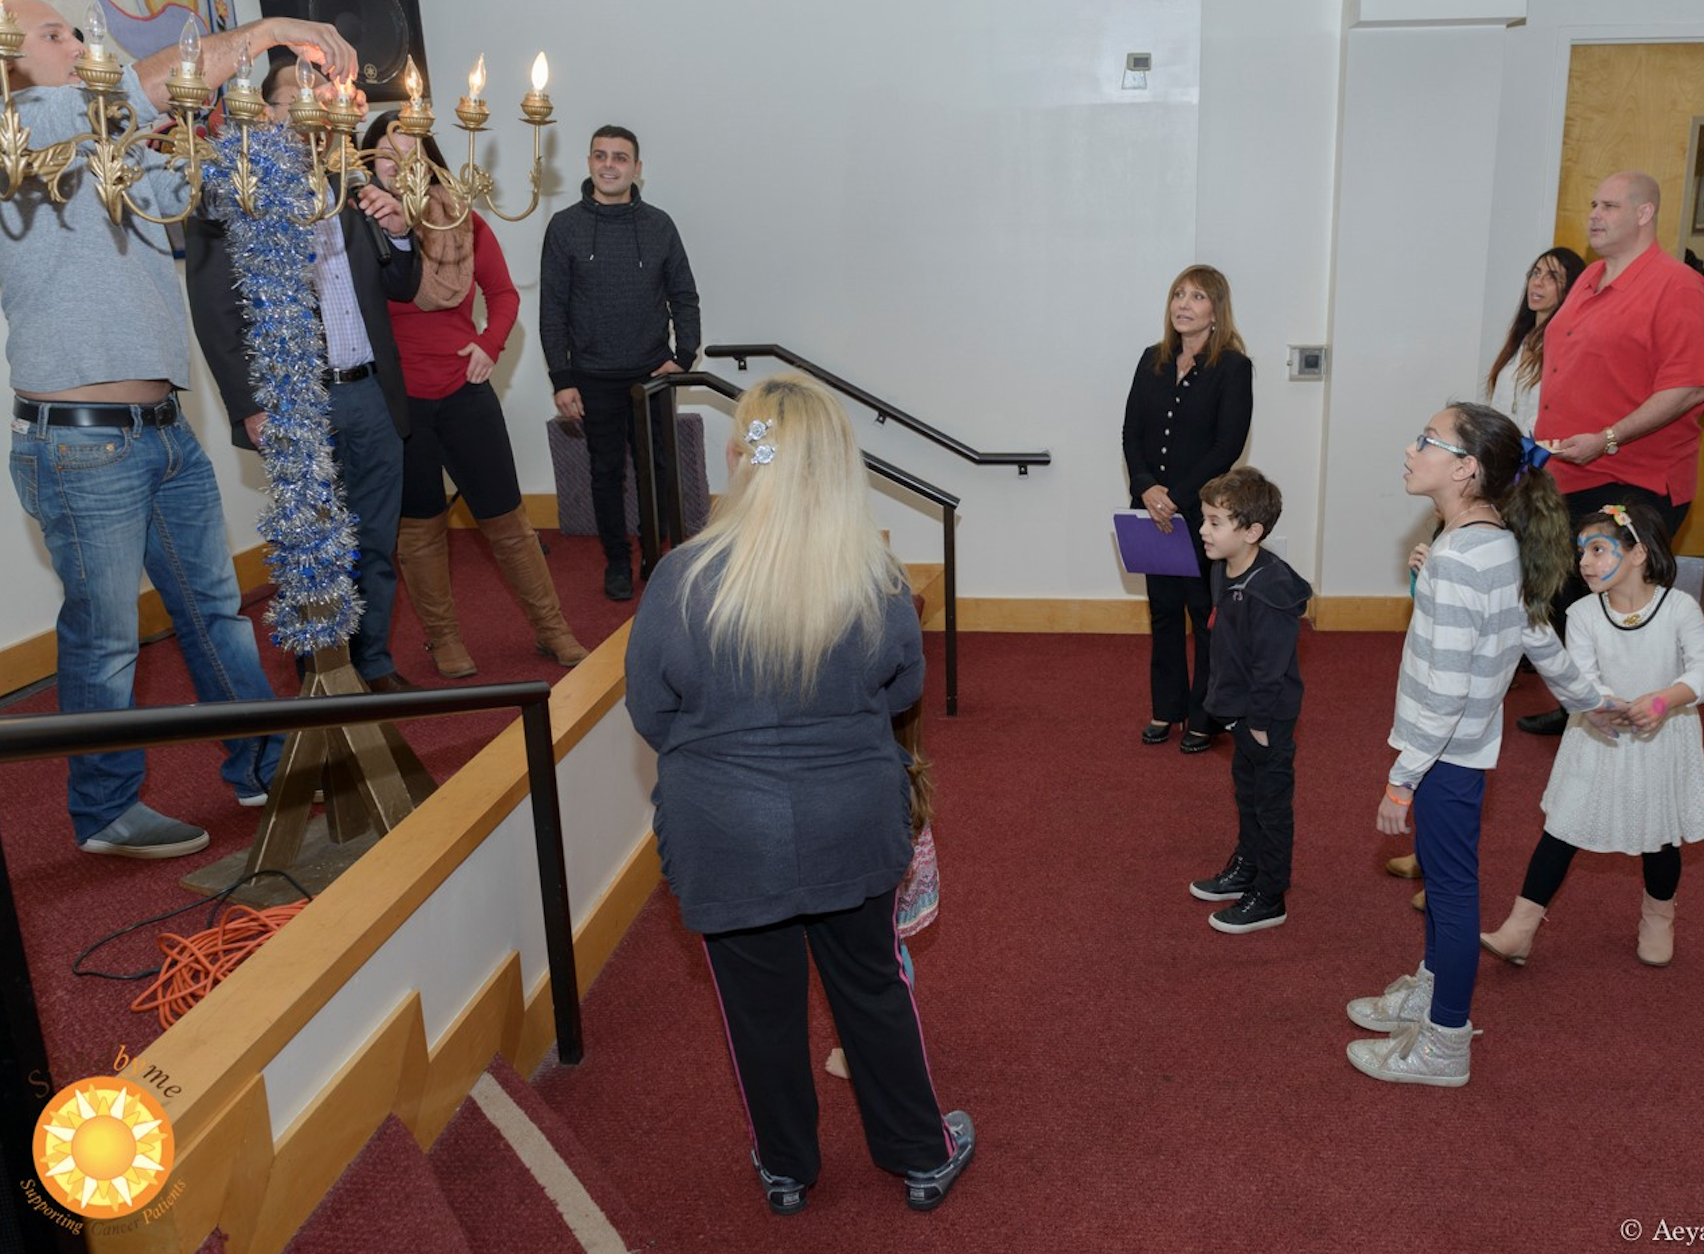 Children watch the menorah lighting